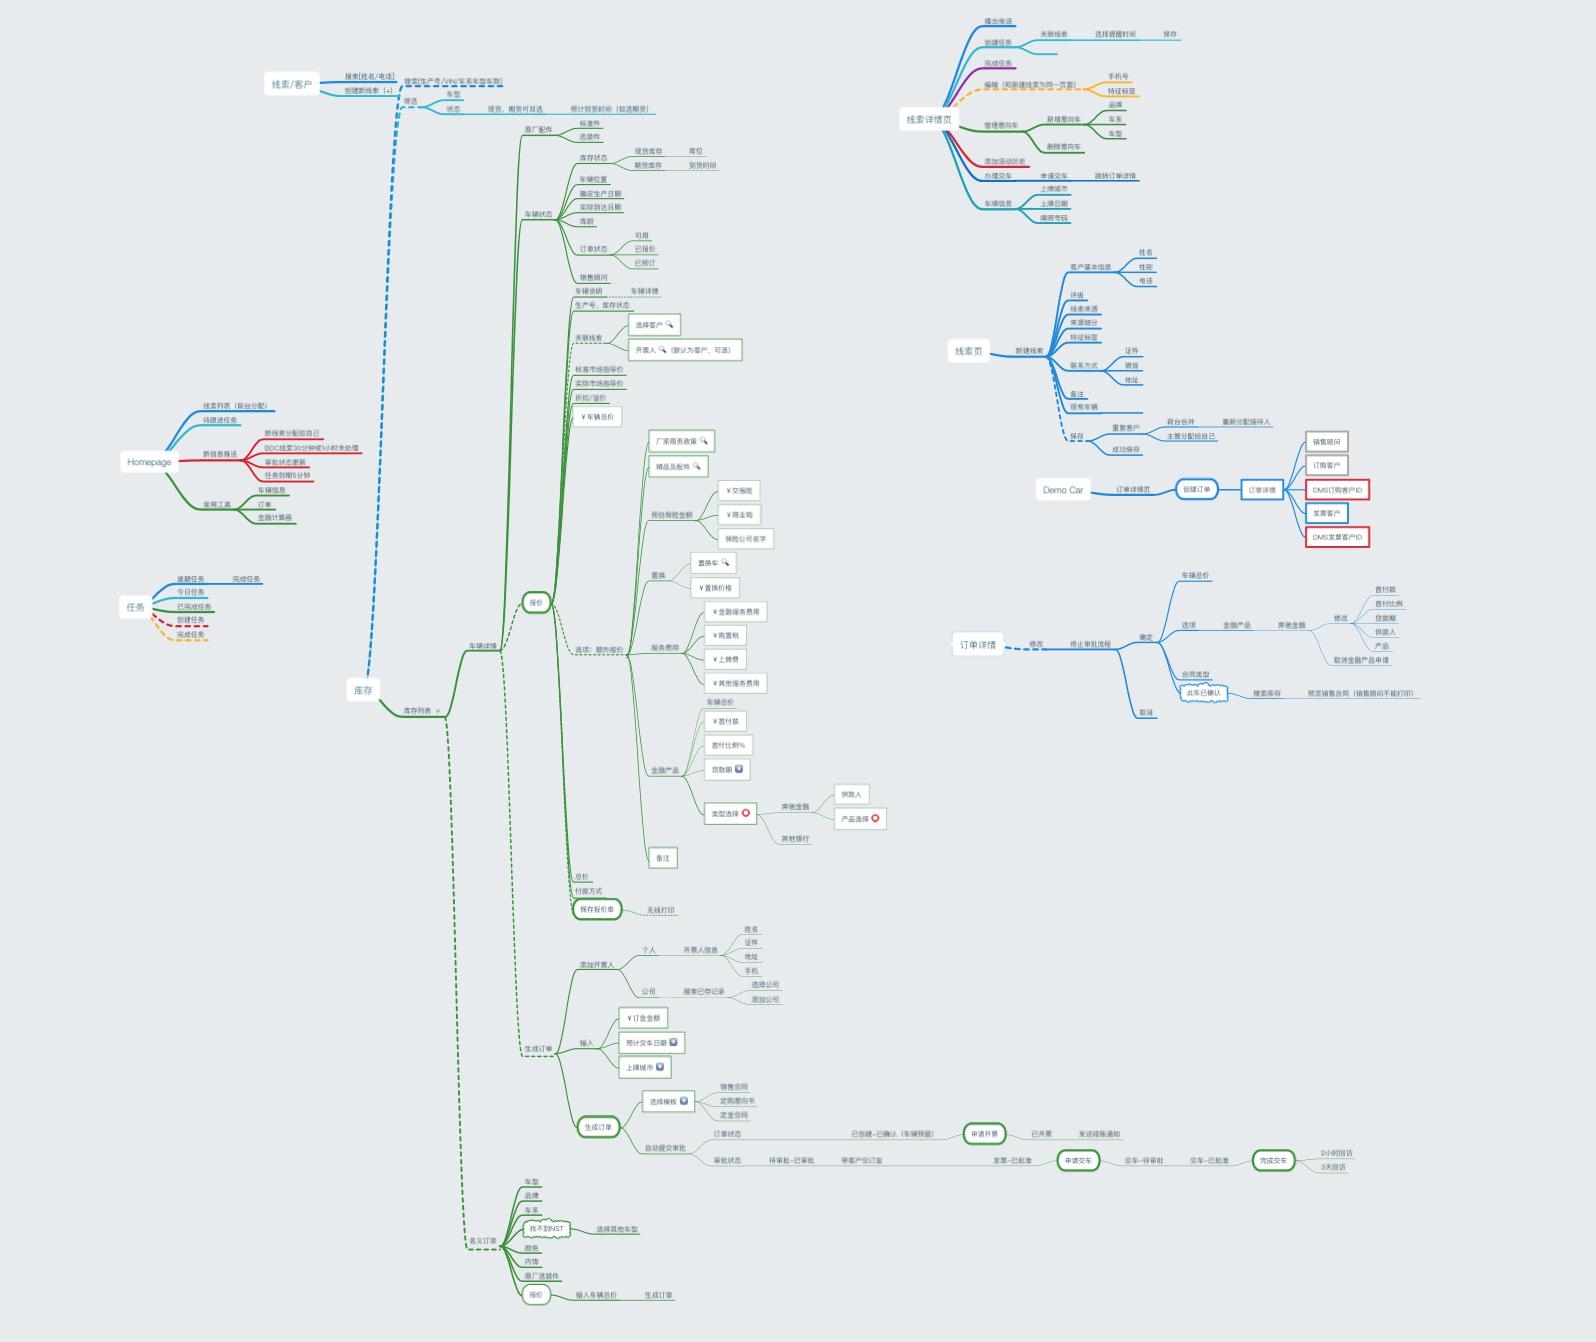 我在ThoughtWorks的第一个交付项目入场前梳理的部分产品信息架构和用户流程